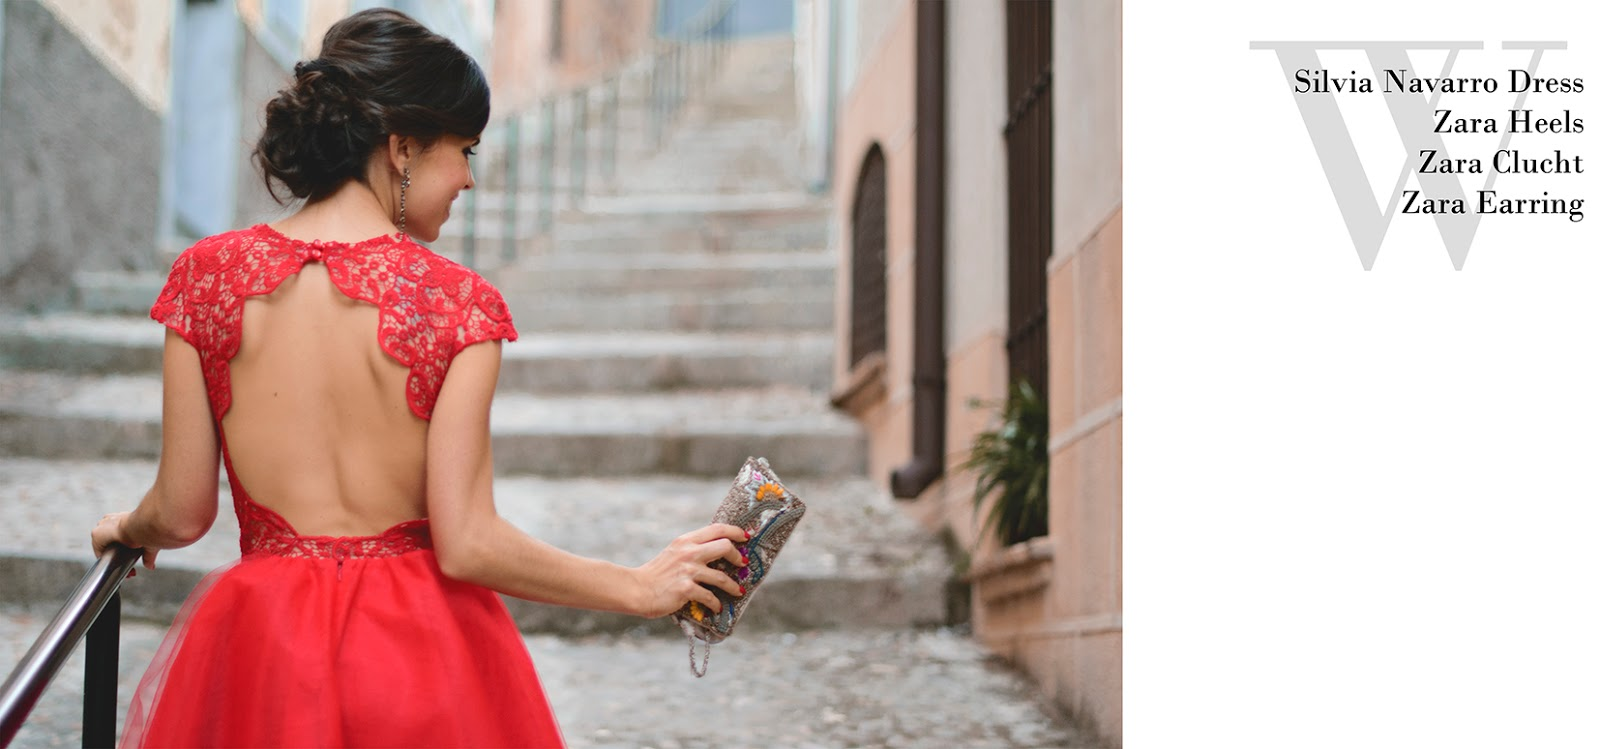 Look de boda con vestido rojo de Silvia Navarro